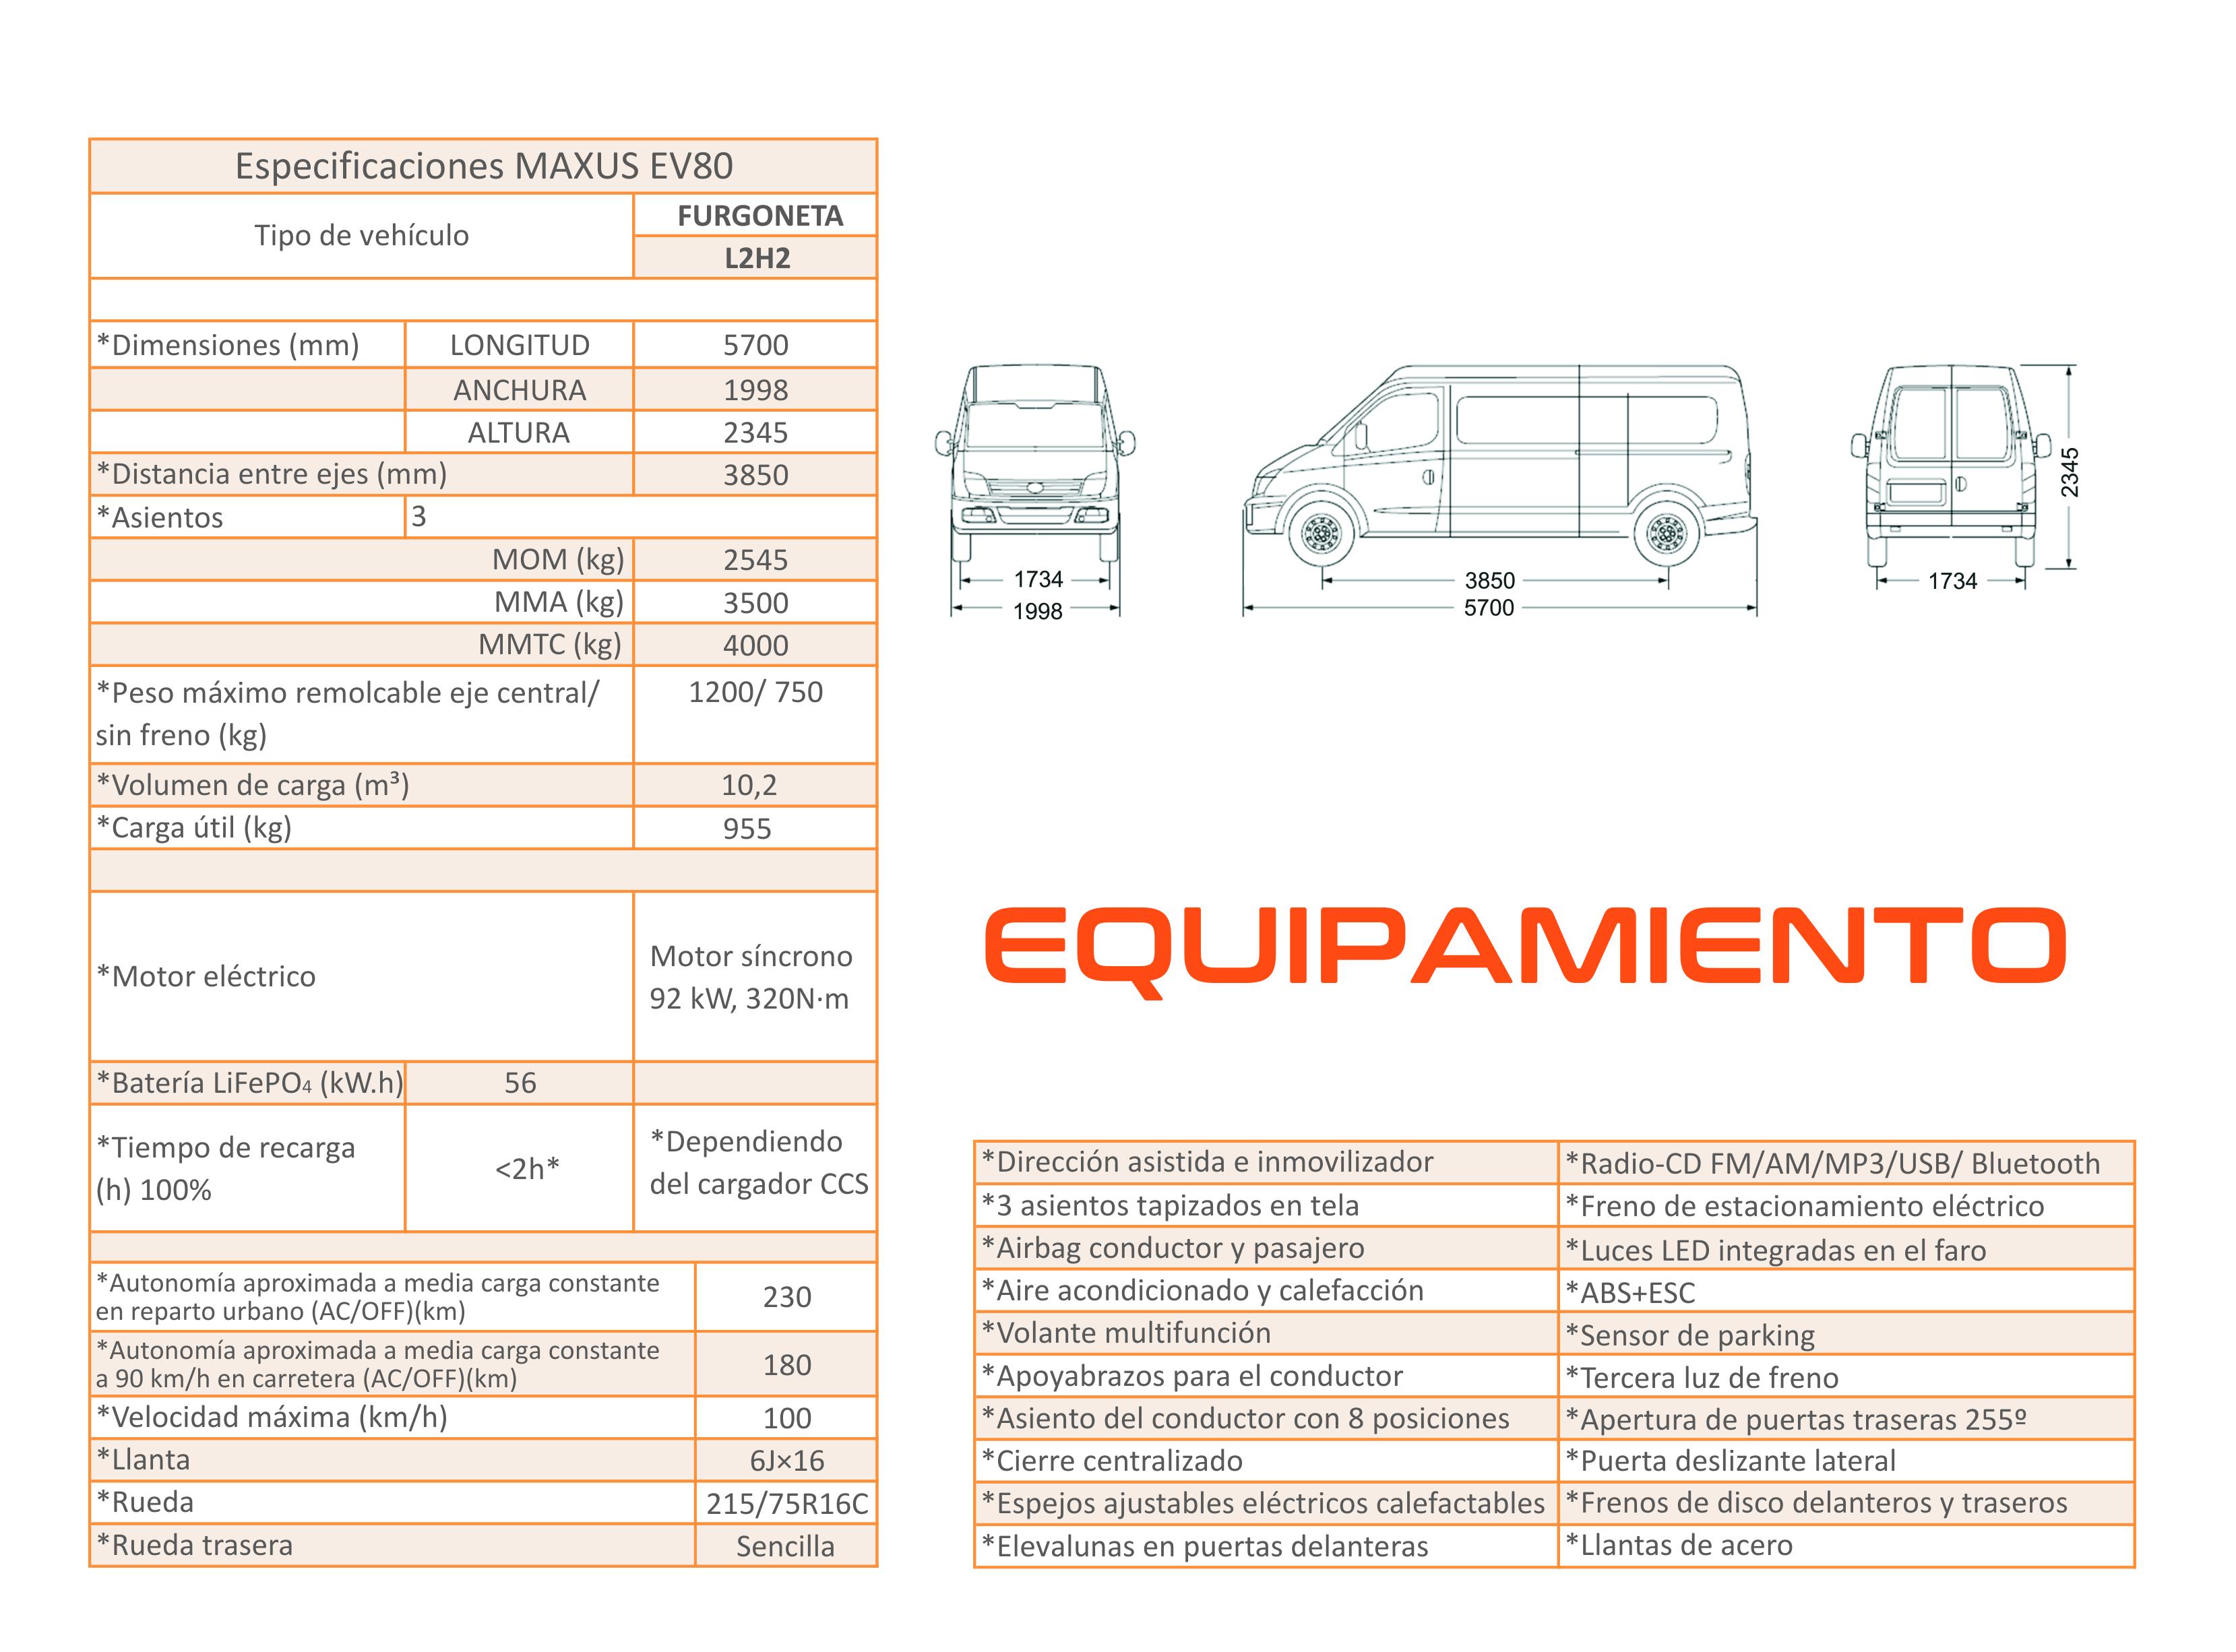 Equipamiento tecnico Maxus EV80 L2H2